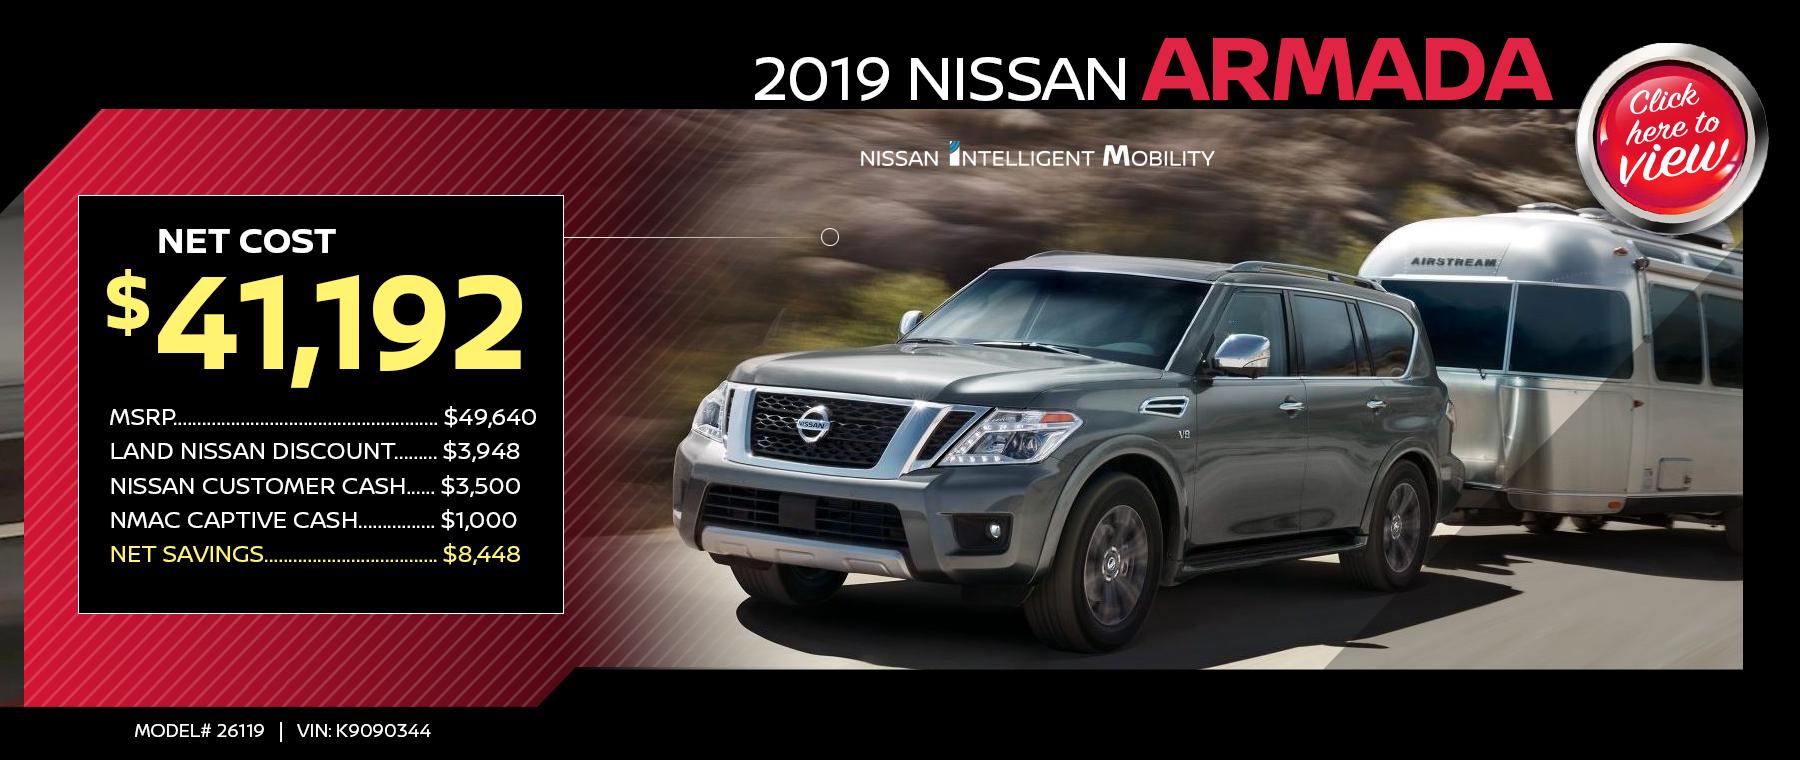 2019 Nissan Armada Specials